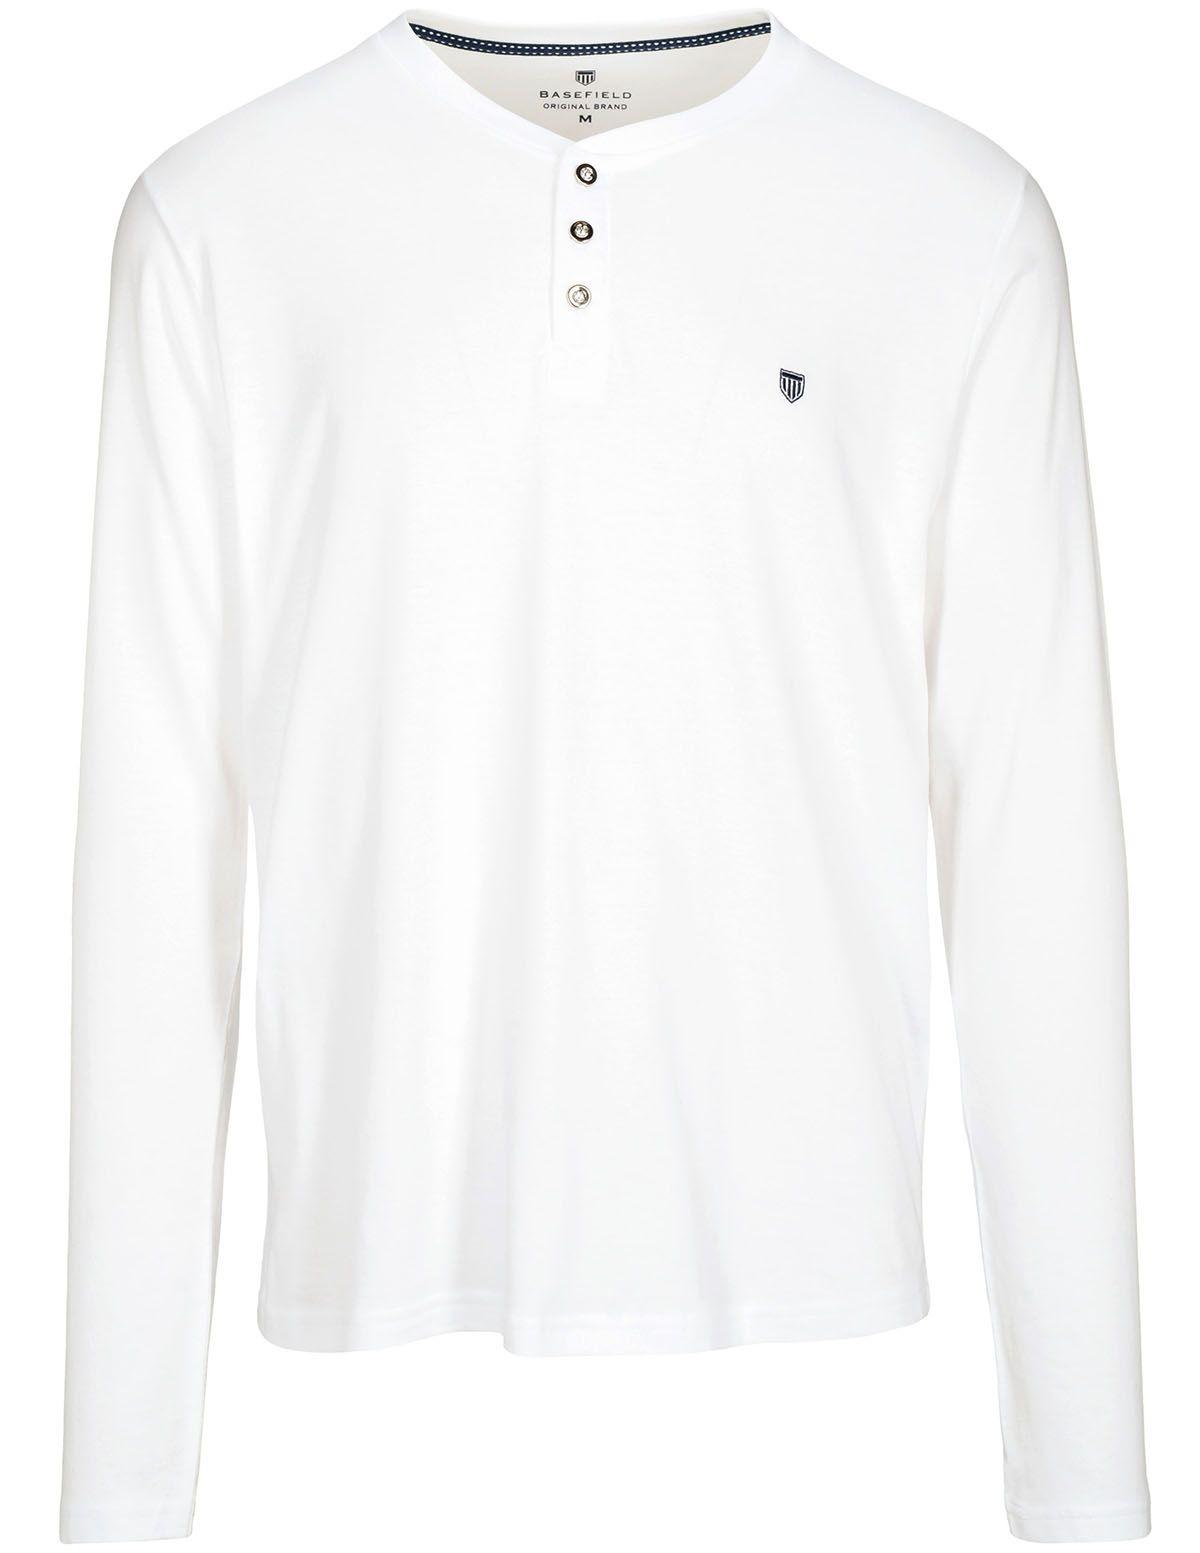 212017717-weiss__shirt__all